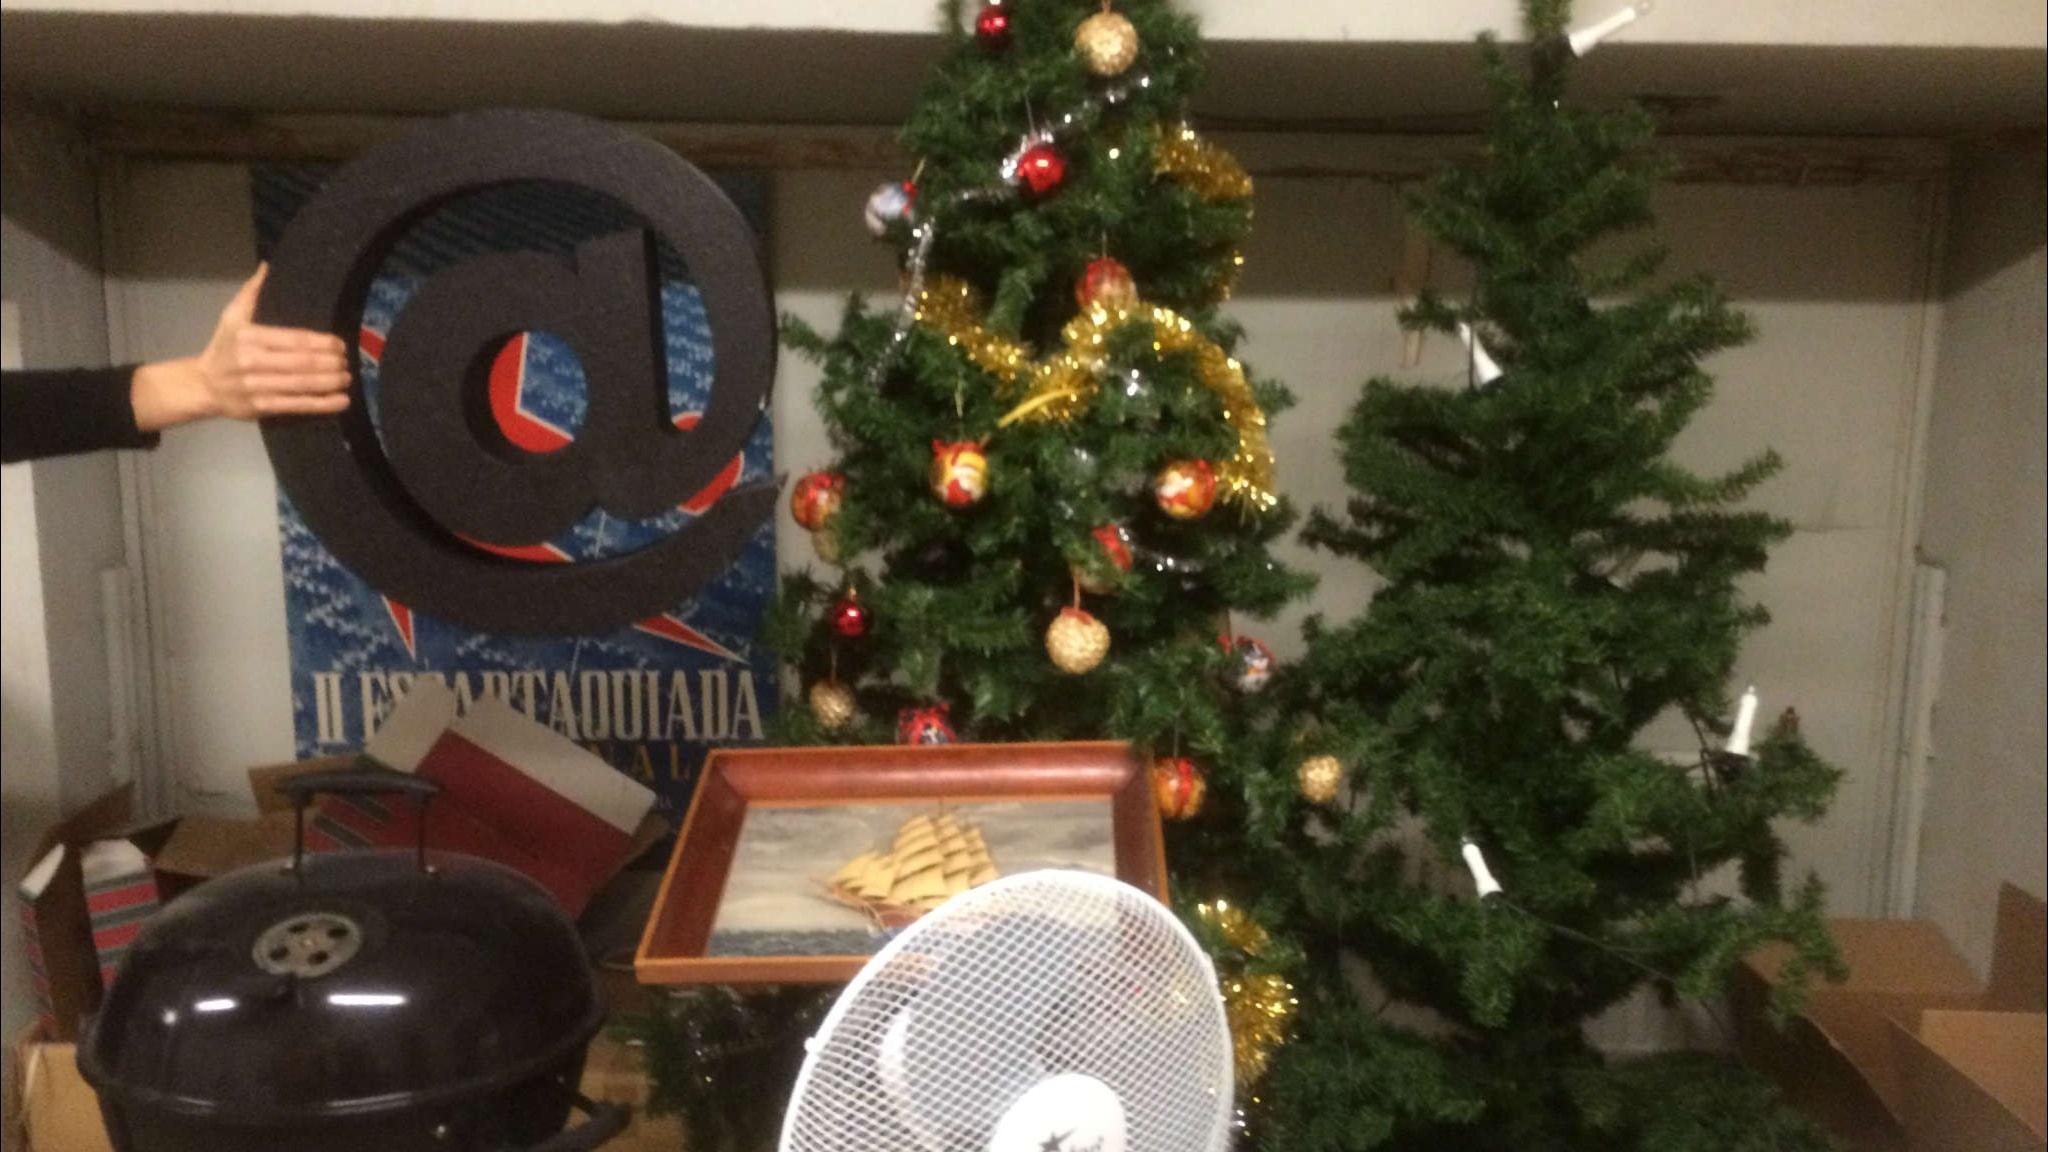 Julen står och skräpar på vinden